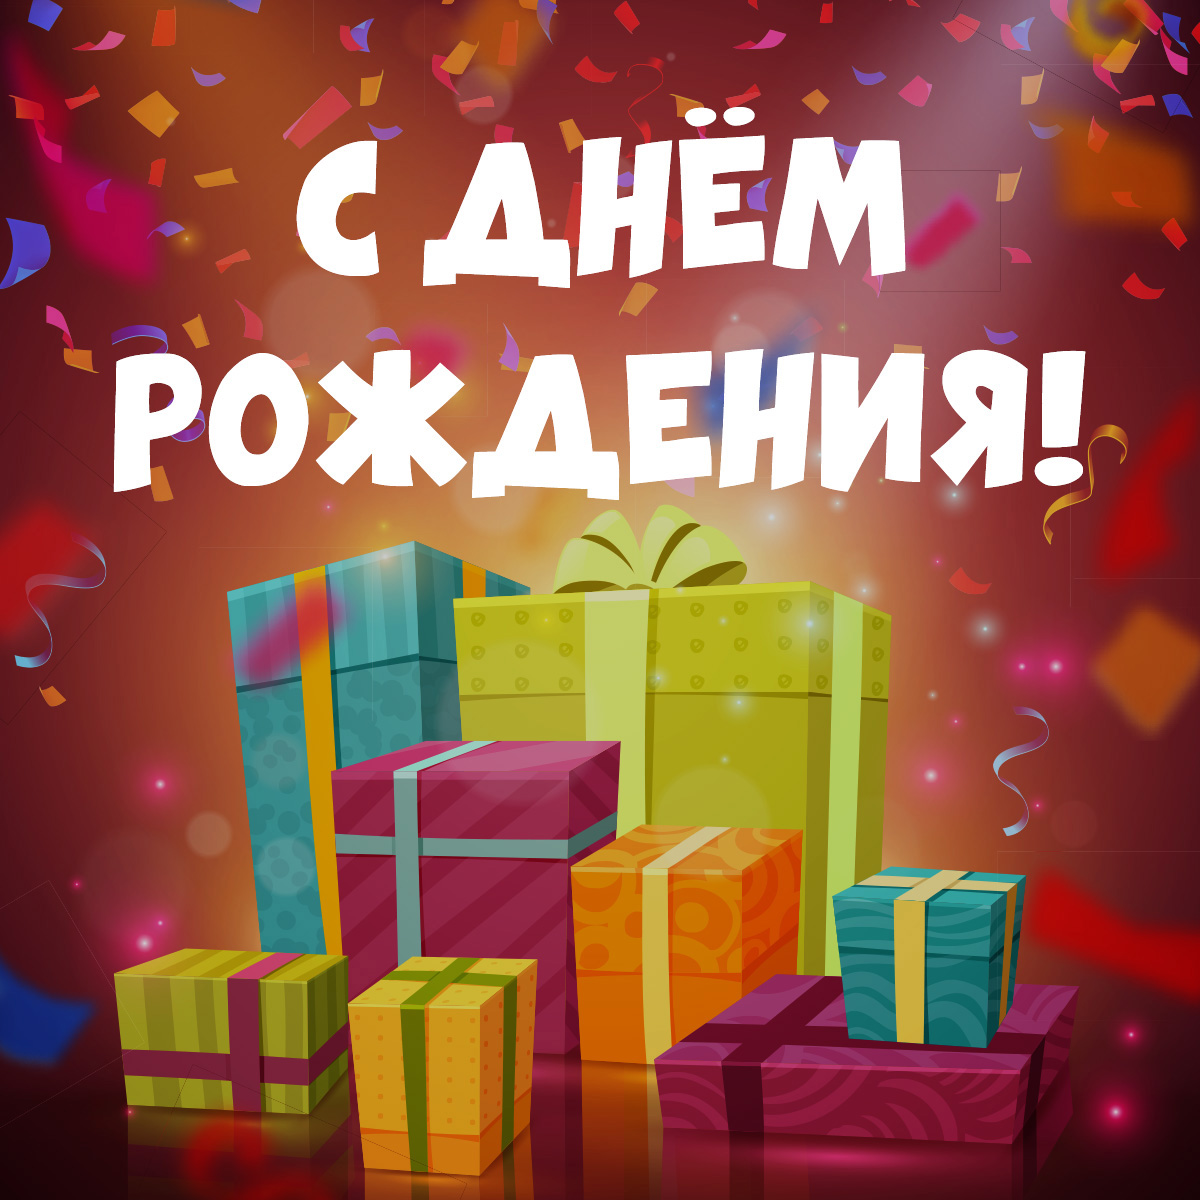 Картинка праздничная открытка с днем рождения подарки в разноцветных прямоугольных коробках с надписью